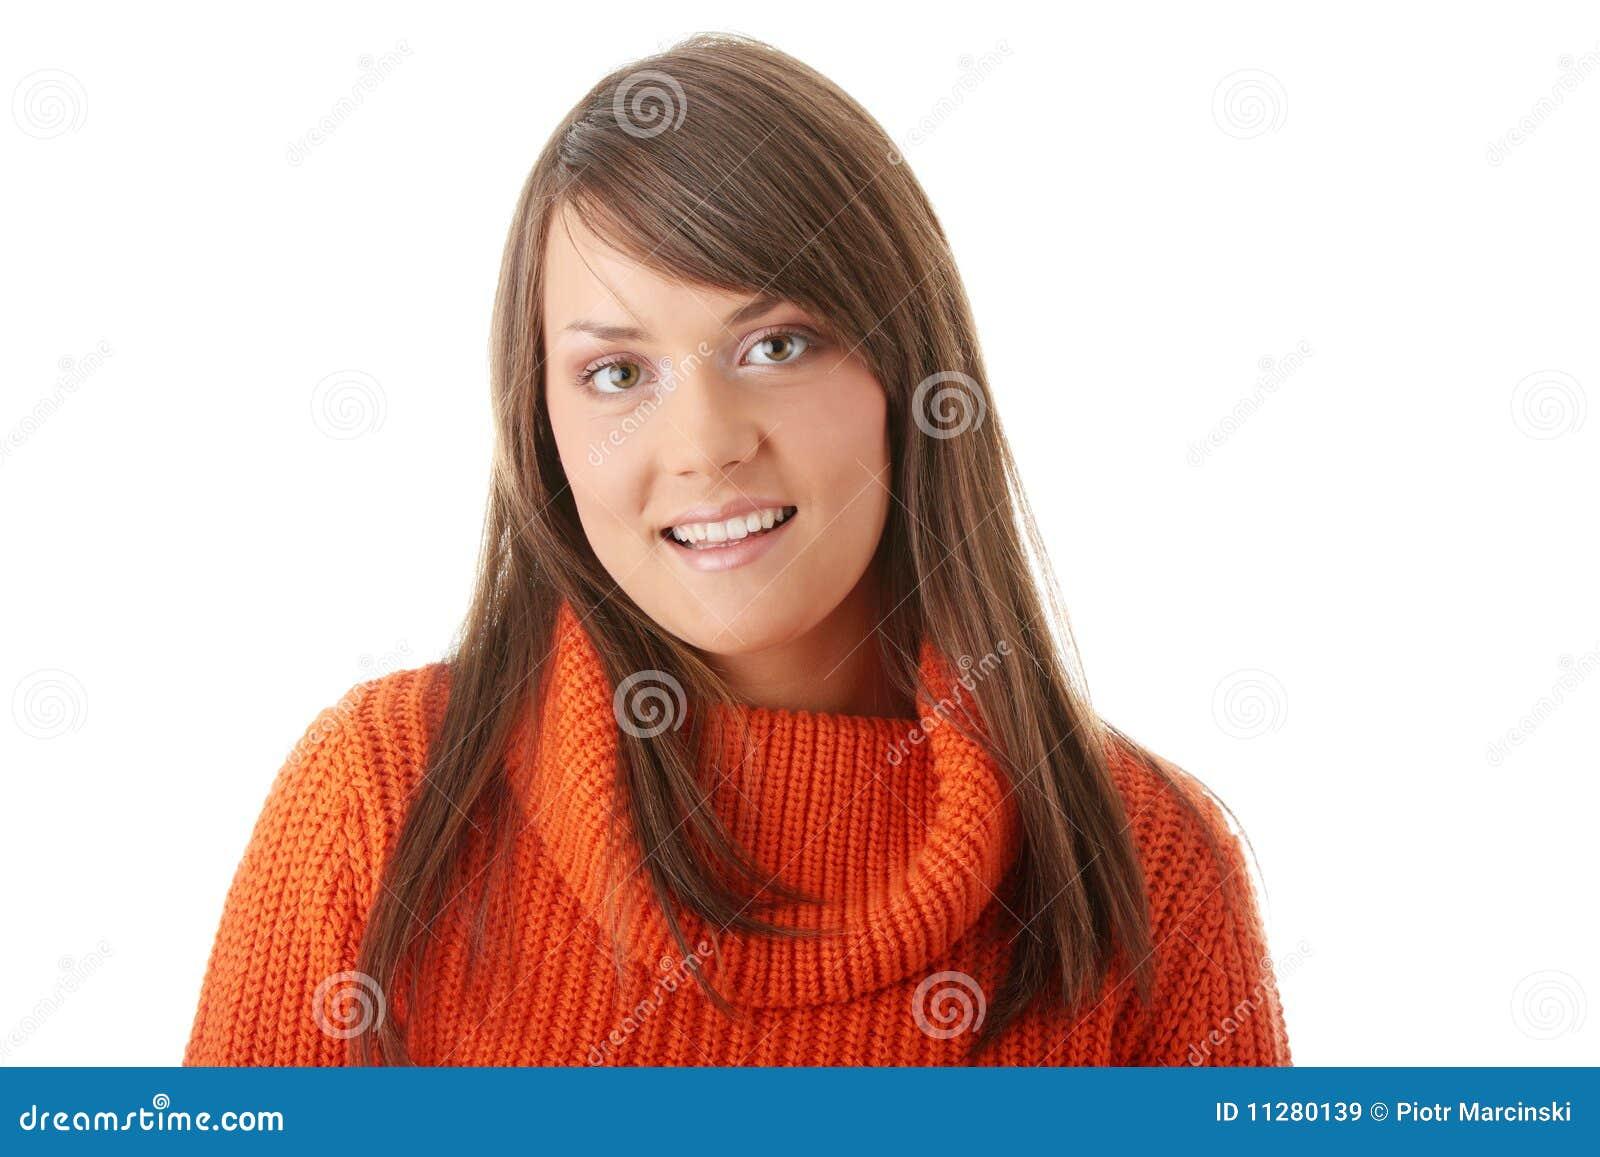 maglione arancione donna